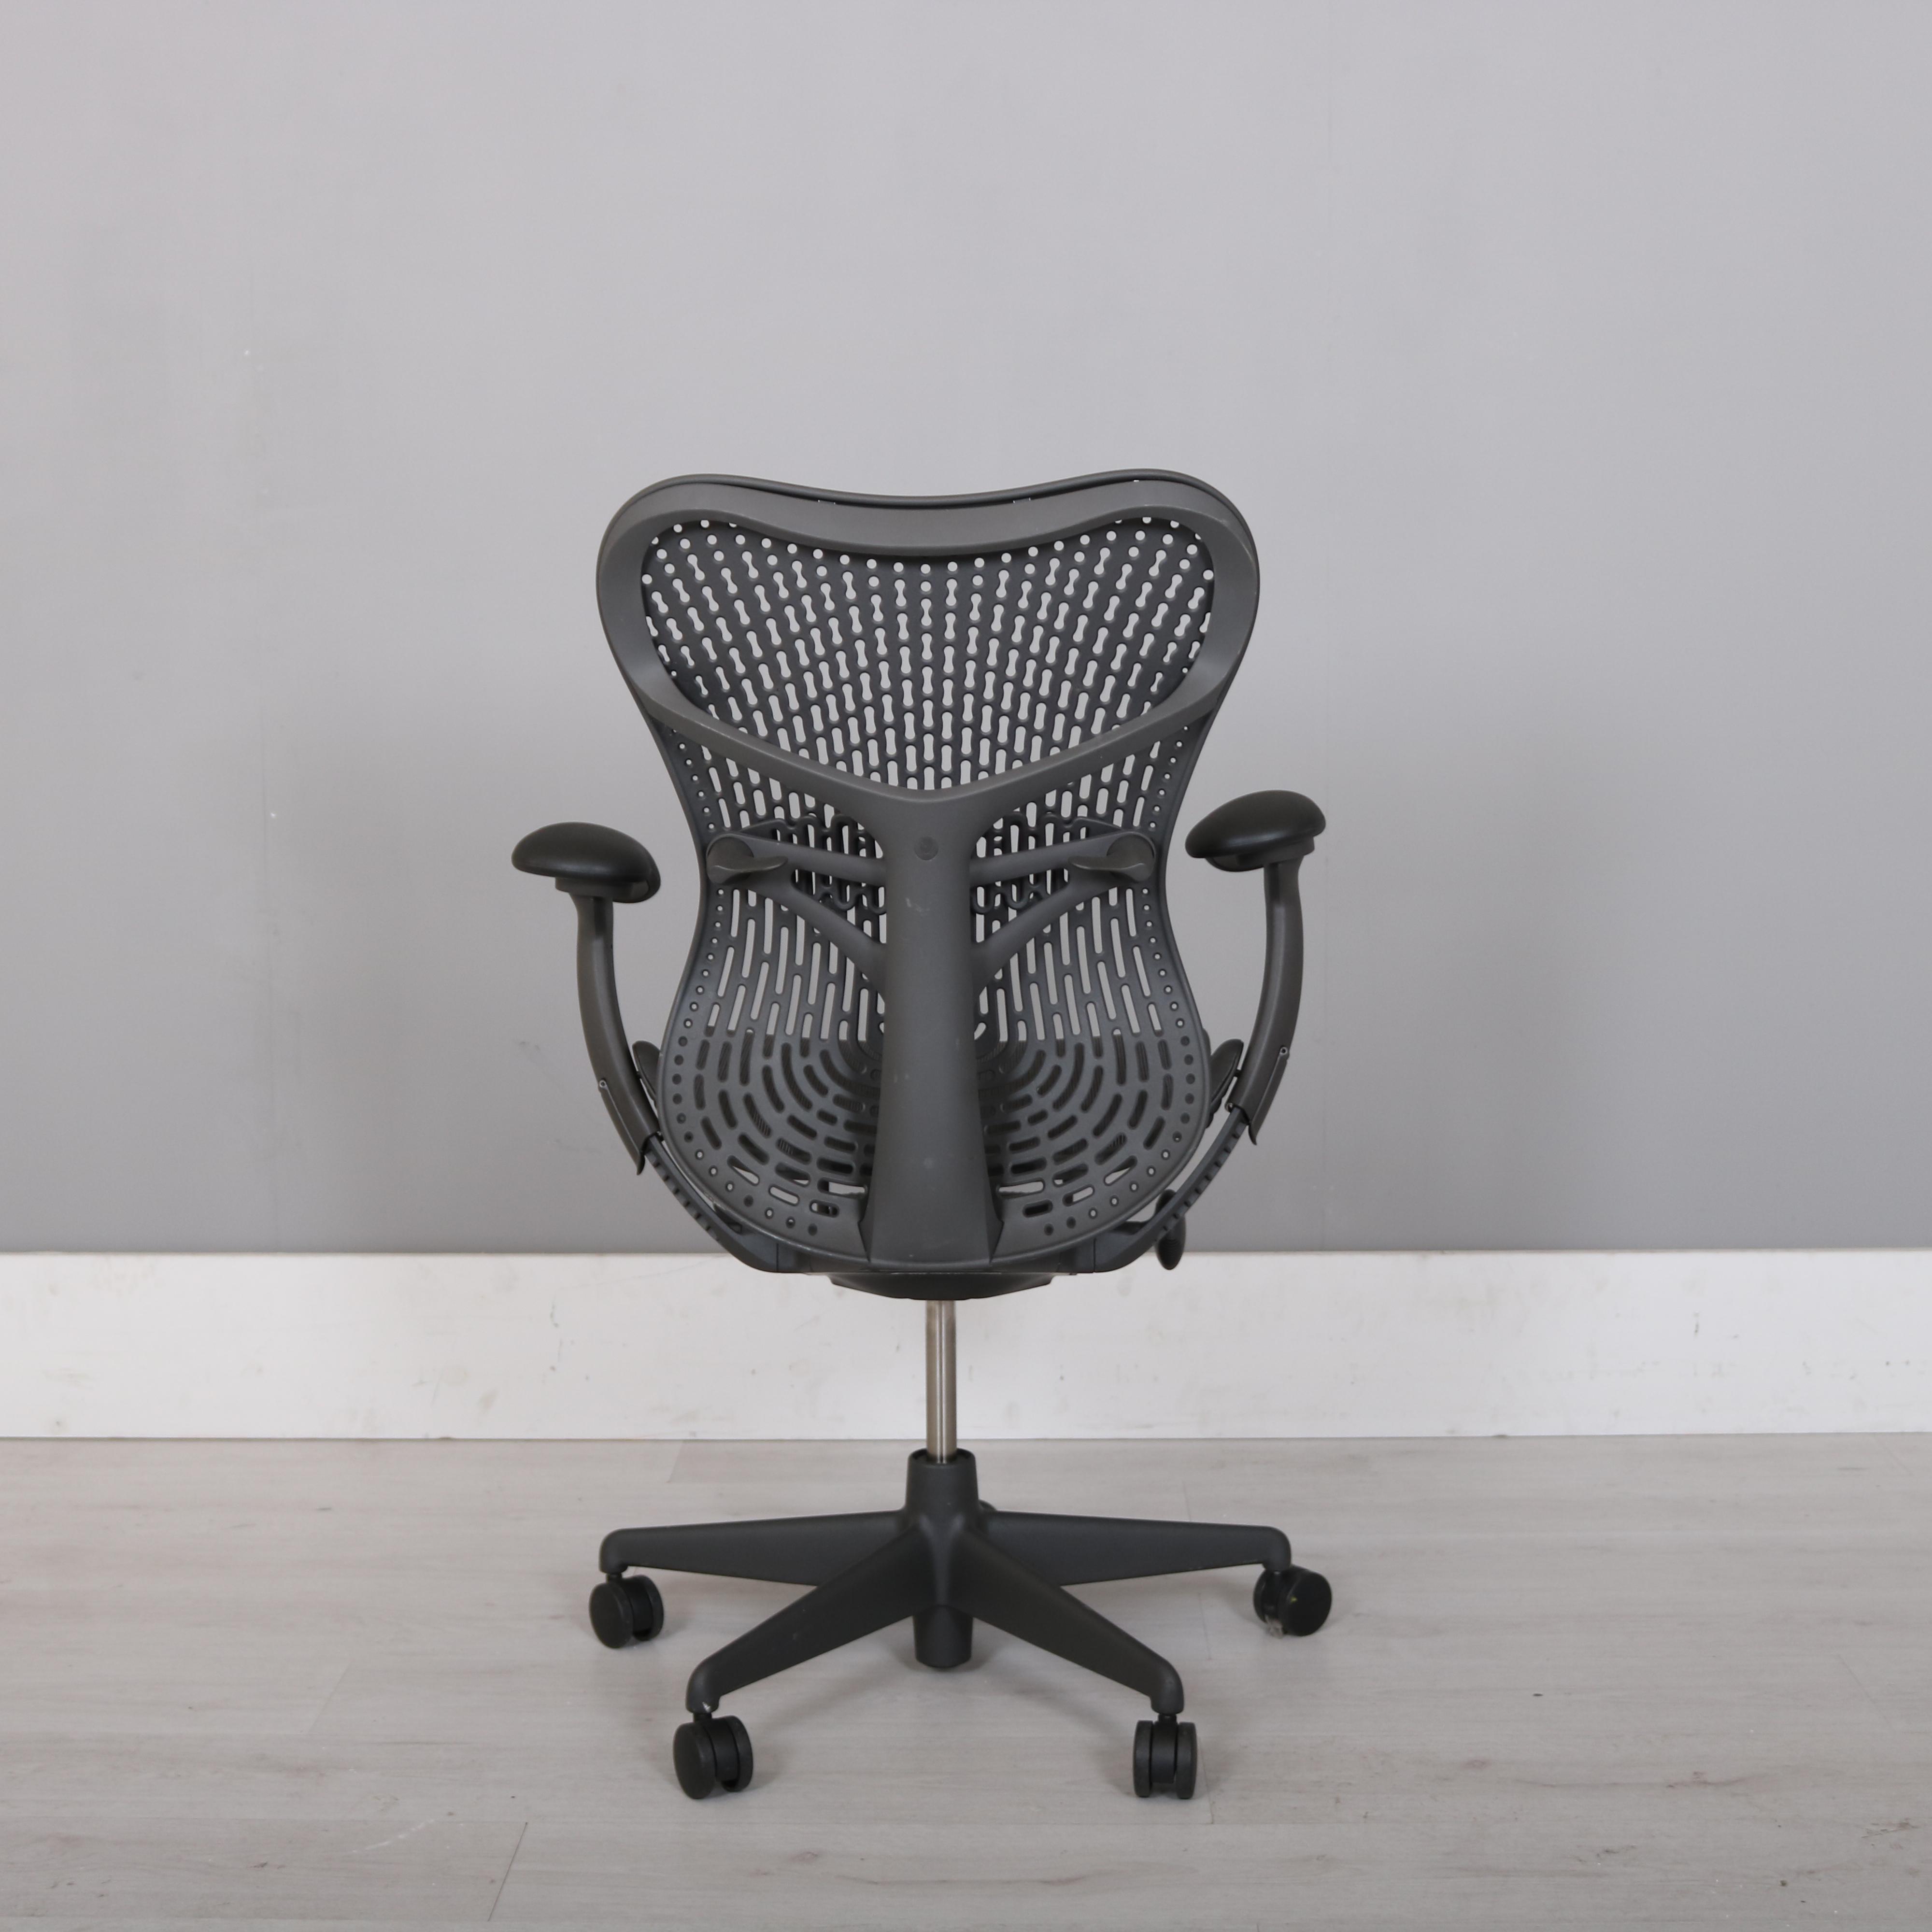 mirra 2 chair portable floor india herman miller studiomodern